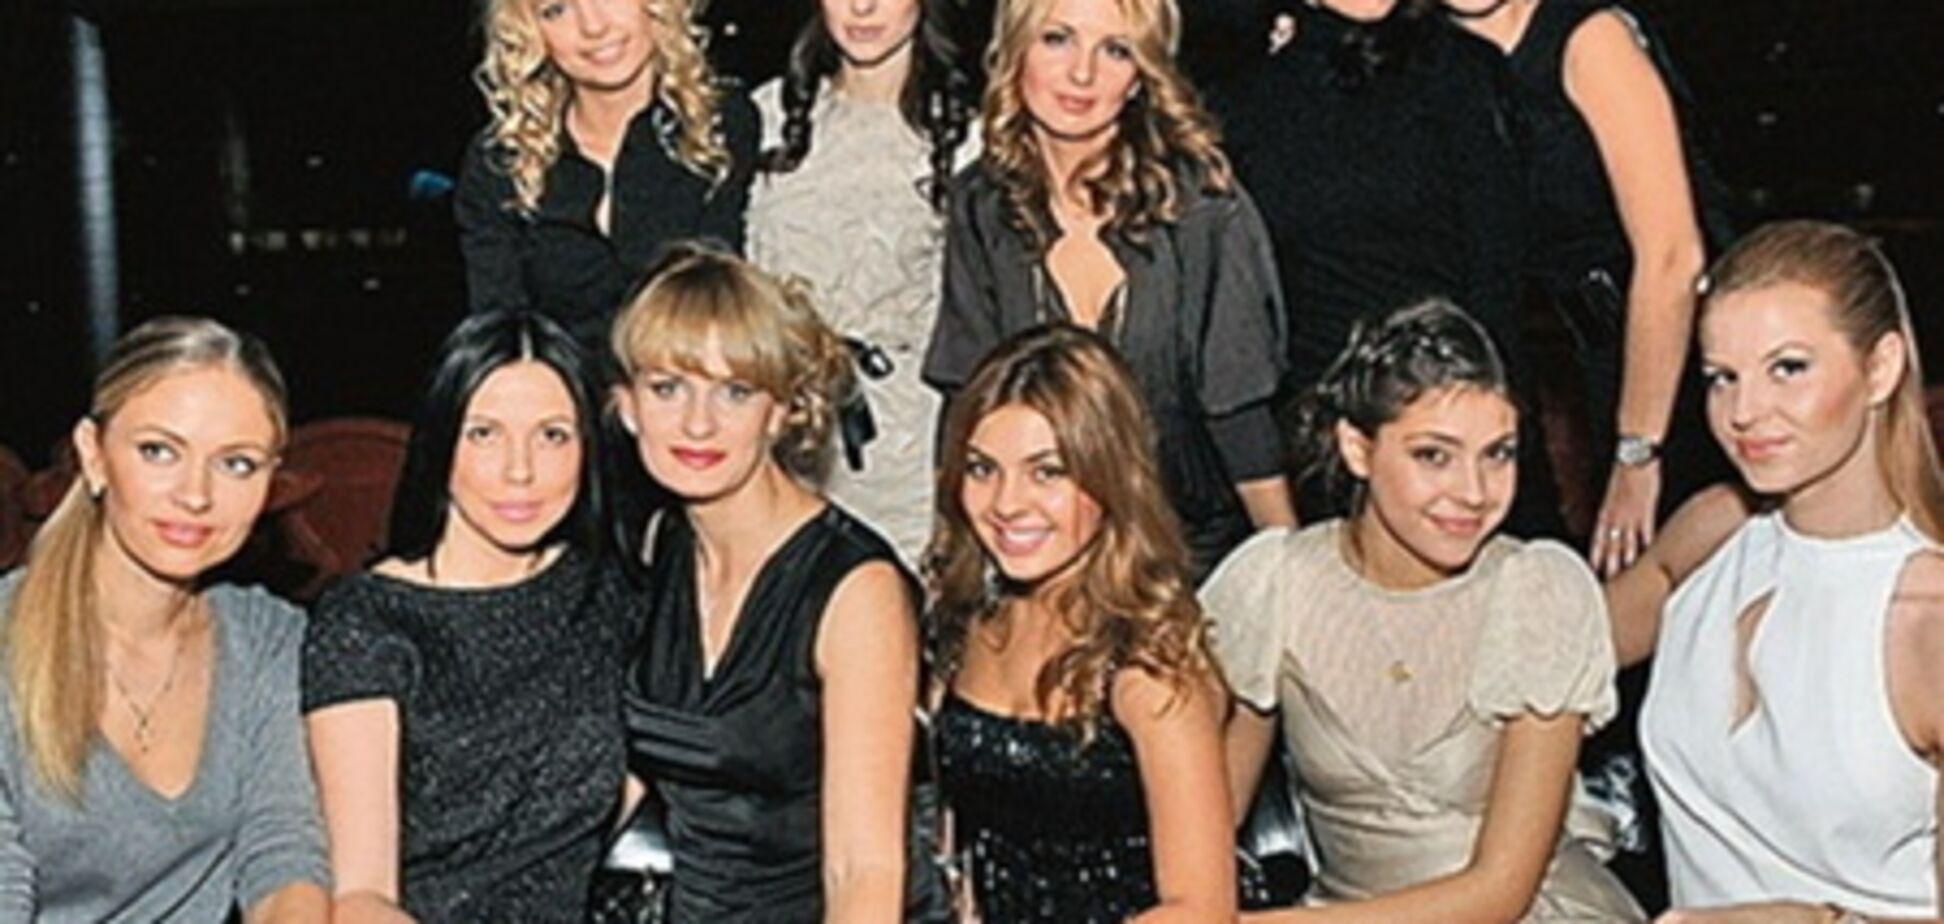 Жены игроков 'Шахтера' устроили показ мод